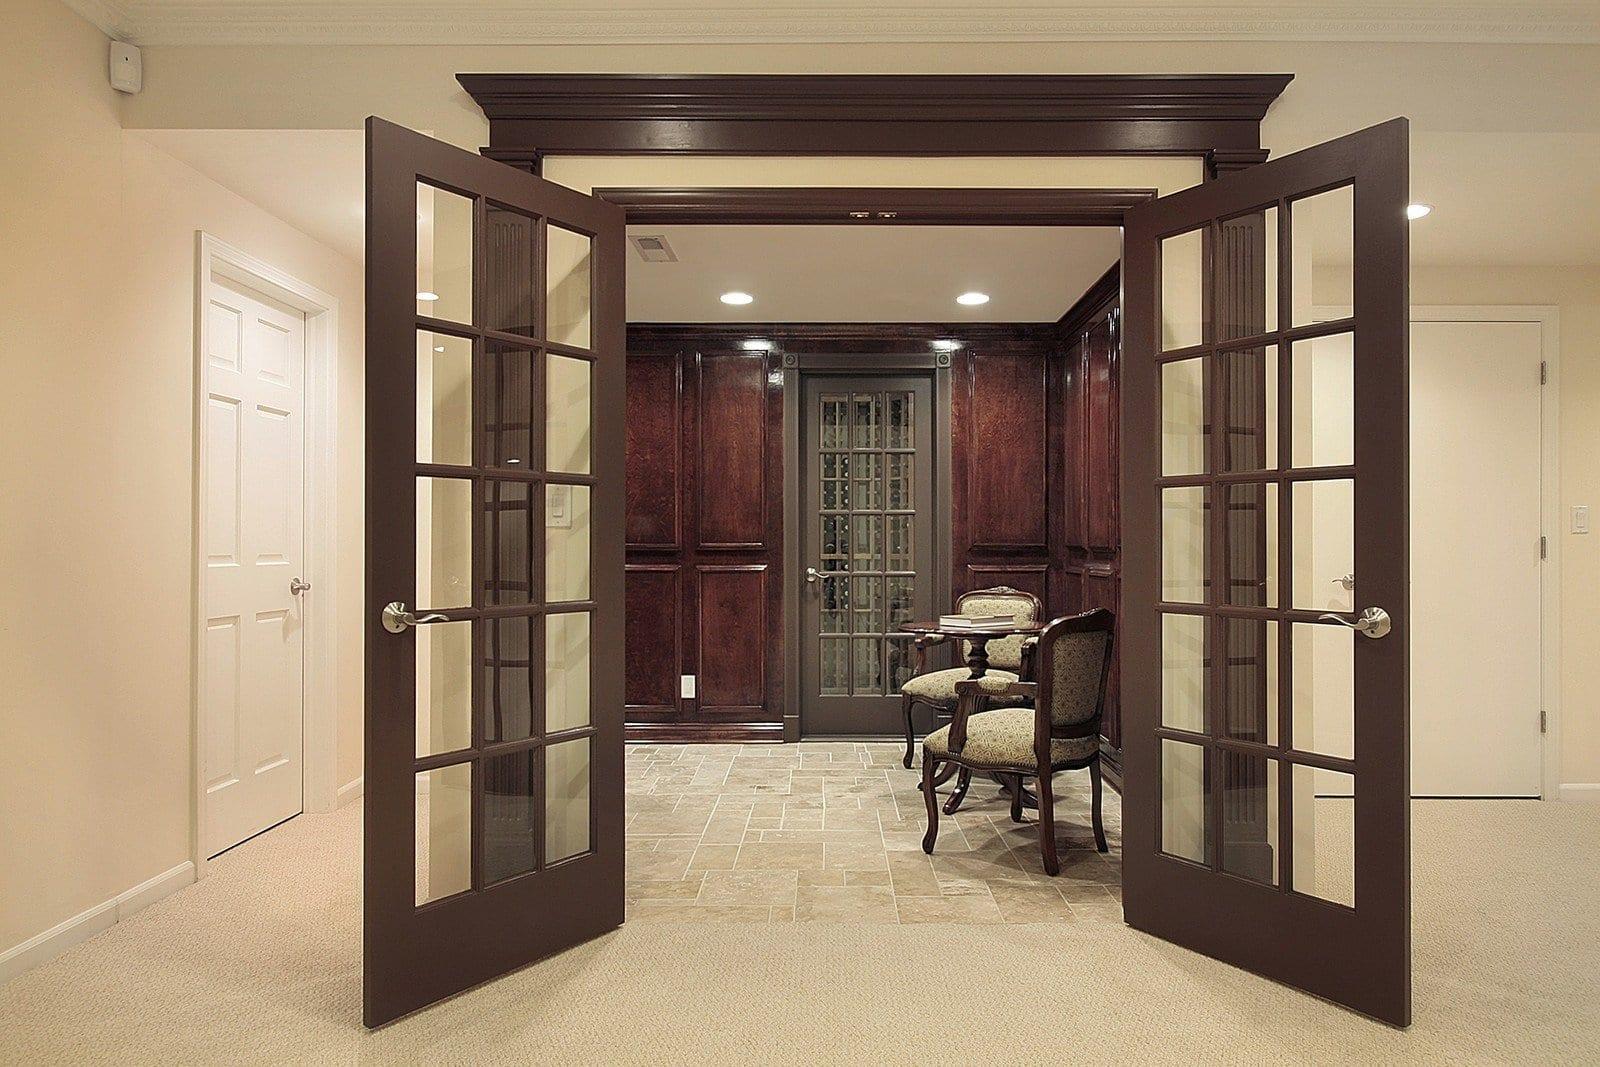 custom-home-design-builders-ma-nh-008